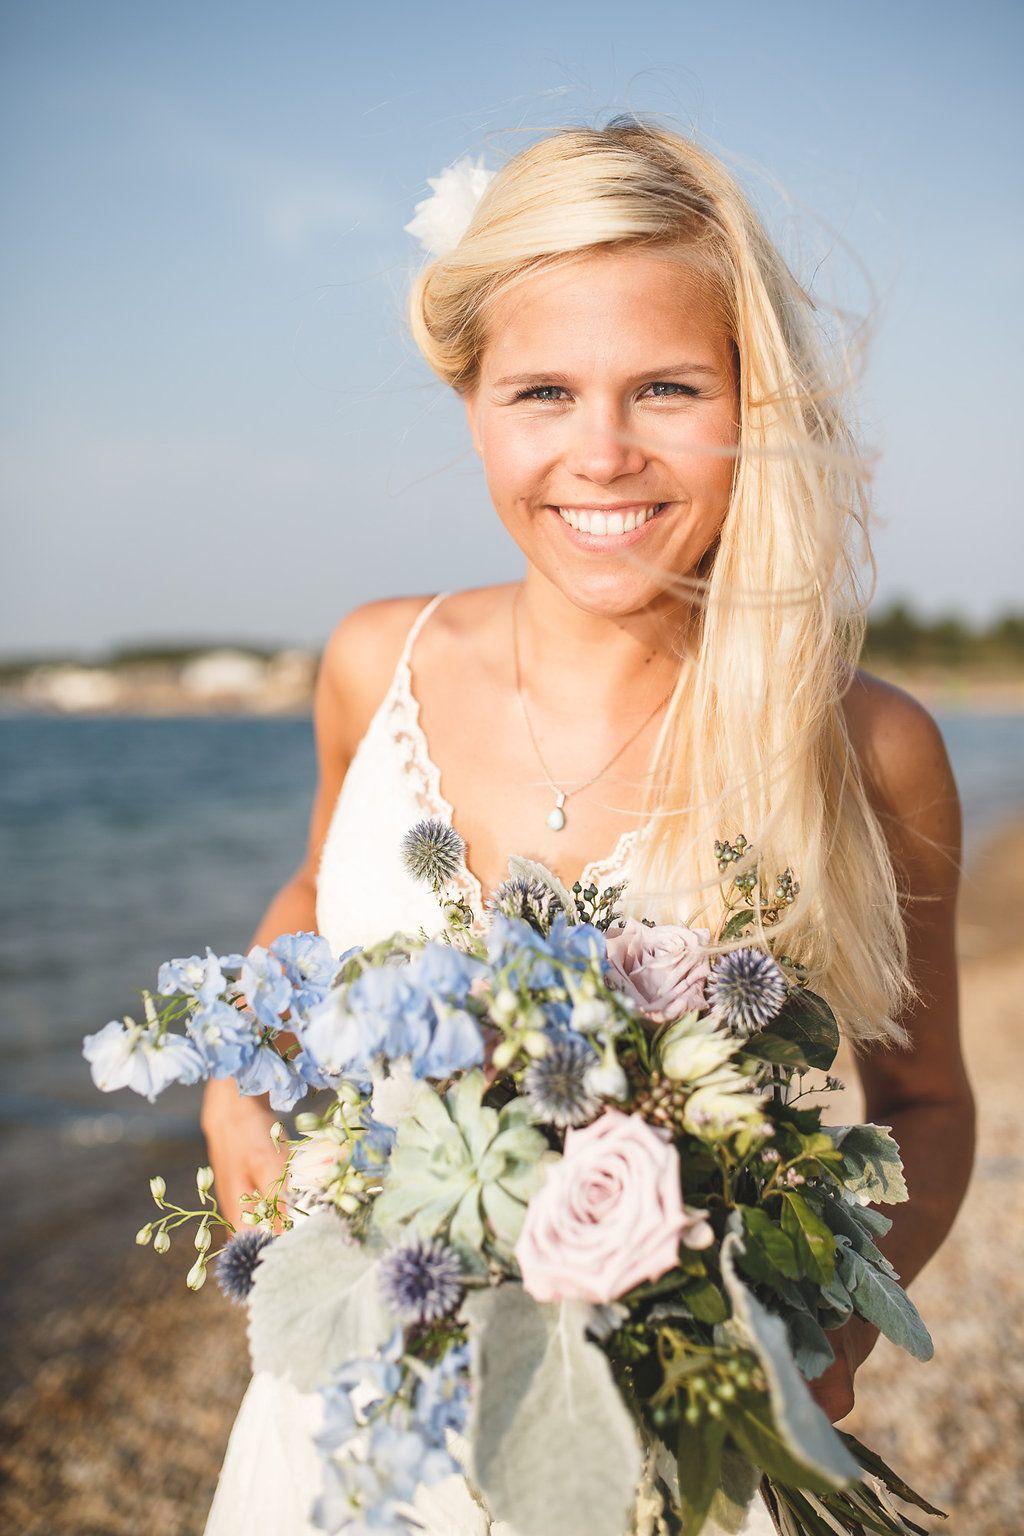 Grun Geschminkt Zur Hochzeit Tipps Fur Euer Braut Make Up Mit Naturkosmetik Hochzeitsblog The Little Wedding Corner Braut Make Up Hochzeit Frisur Hochzeit